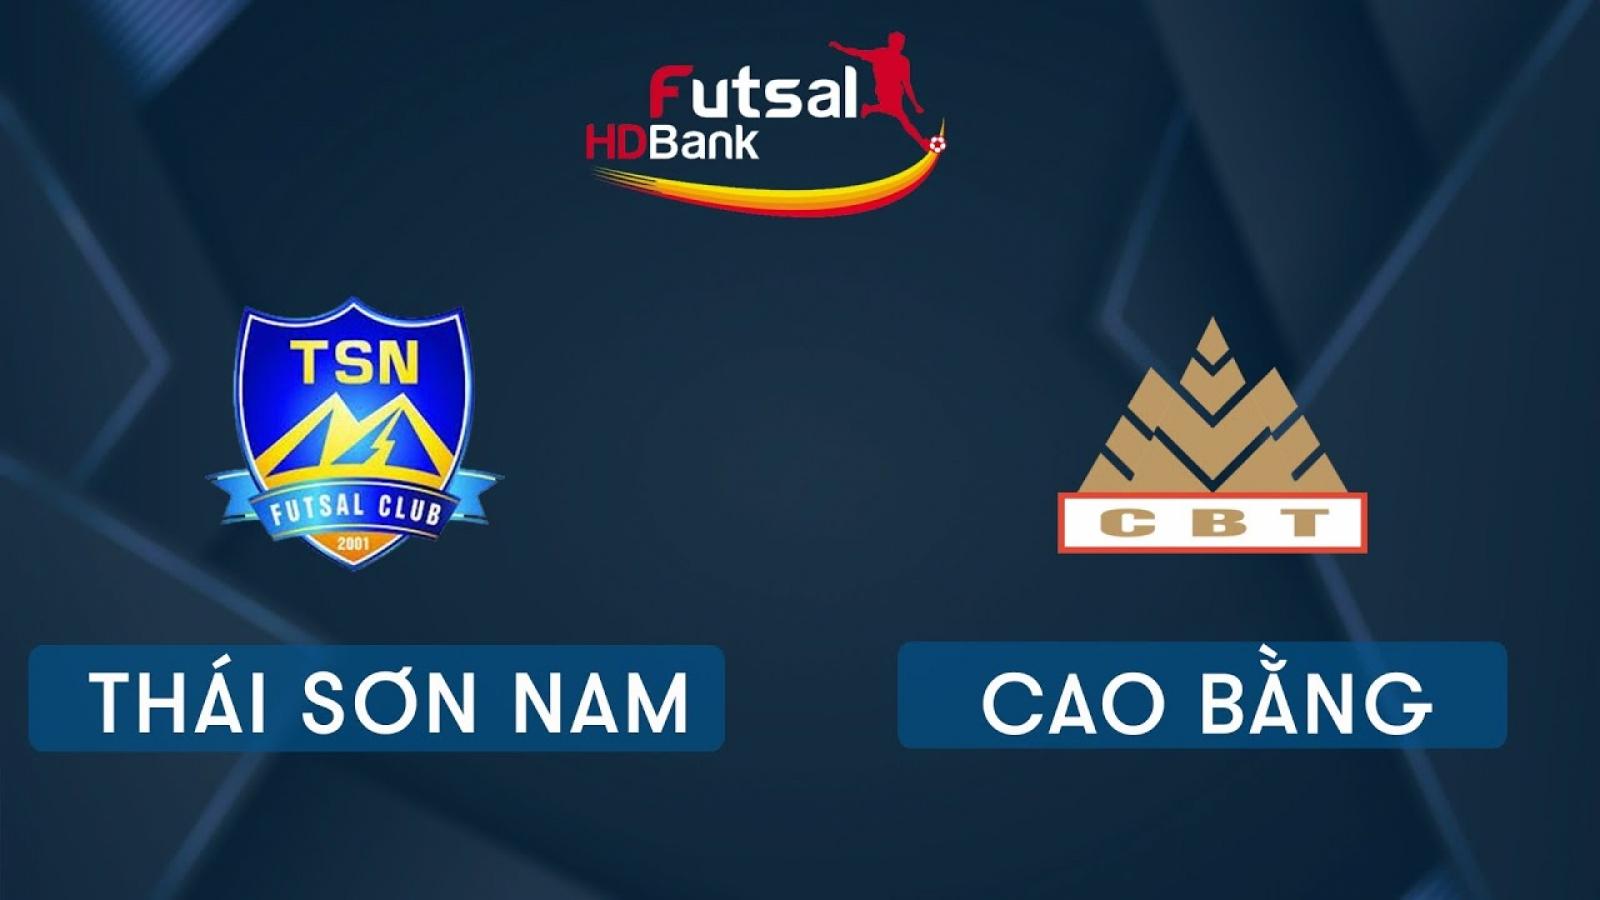 TRỰC TIẾP Thái Sơn Nam vs Cao Bằng Giải futsal HDBank 2020